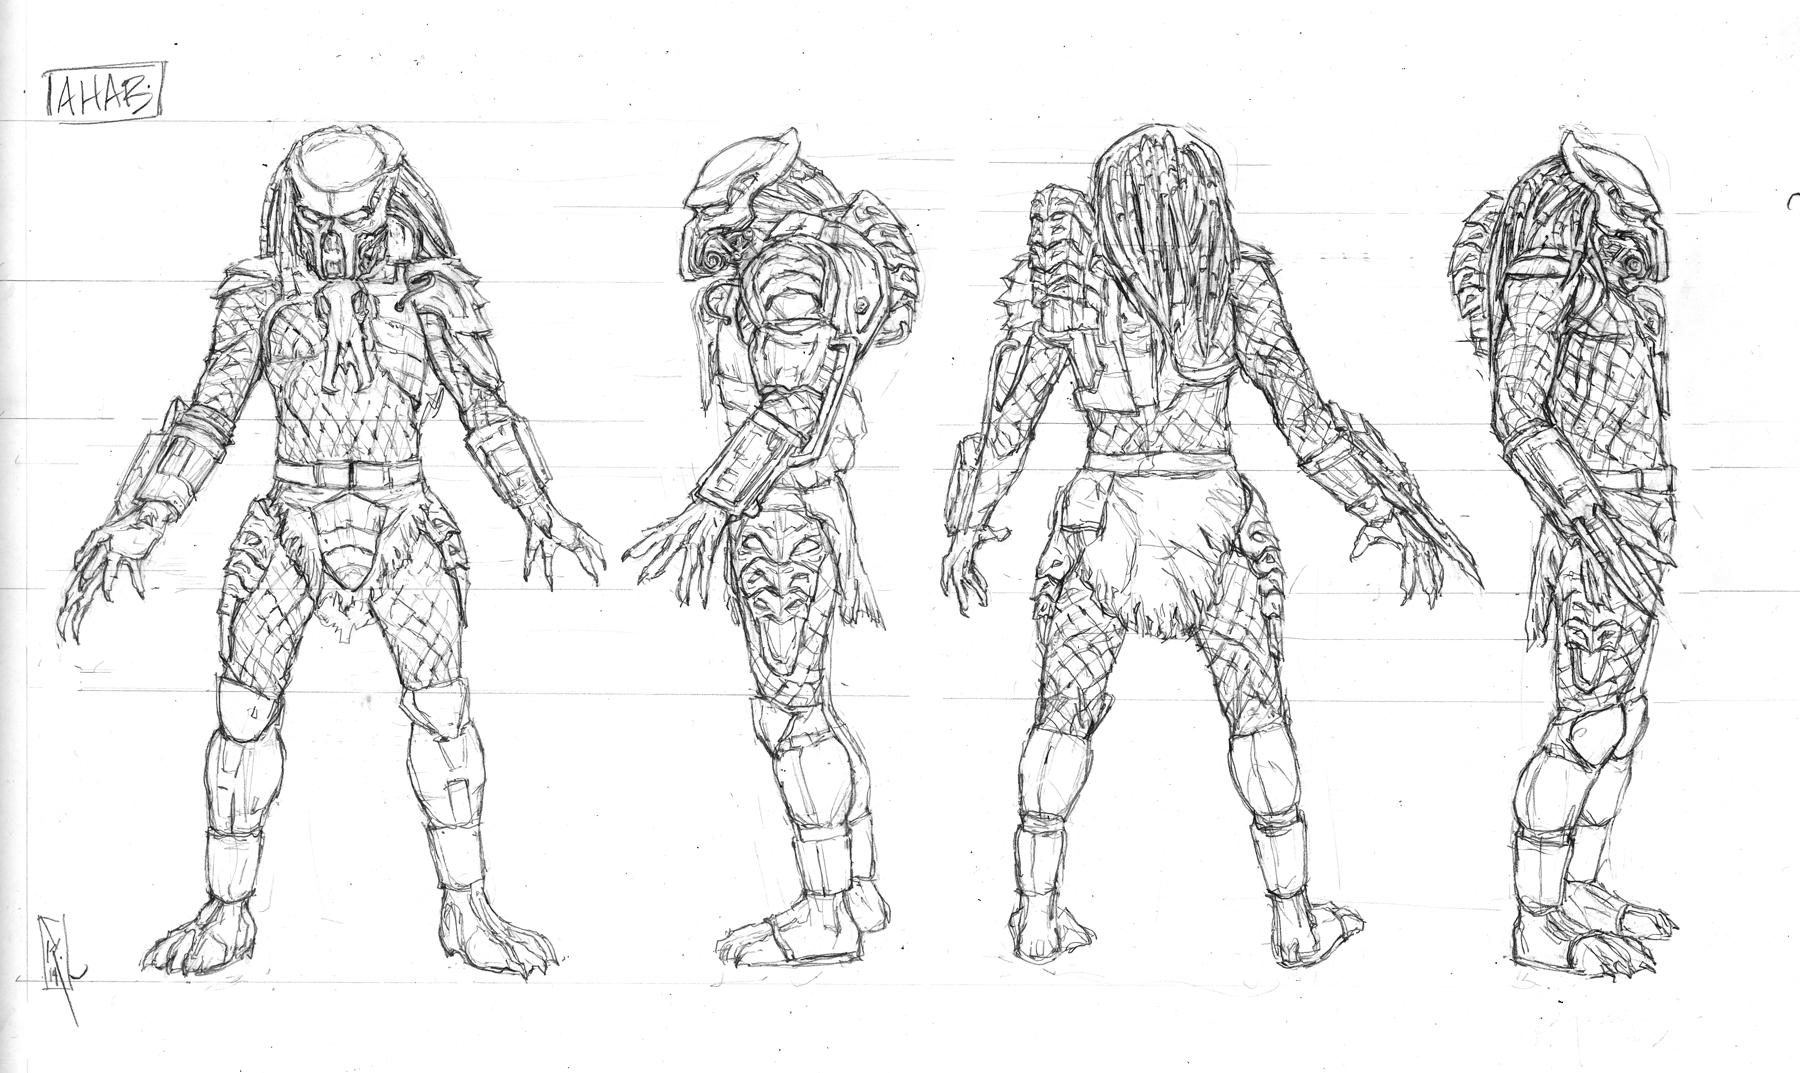 [NECA] [Tópico Oficial] PREDADORES - SDCC Exclusive: Dark Horse Comics - Ahab Predator - Página 20 SDCC-Ahab-Predator-005